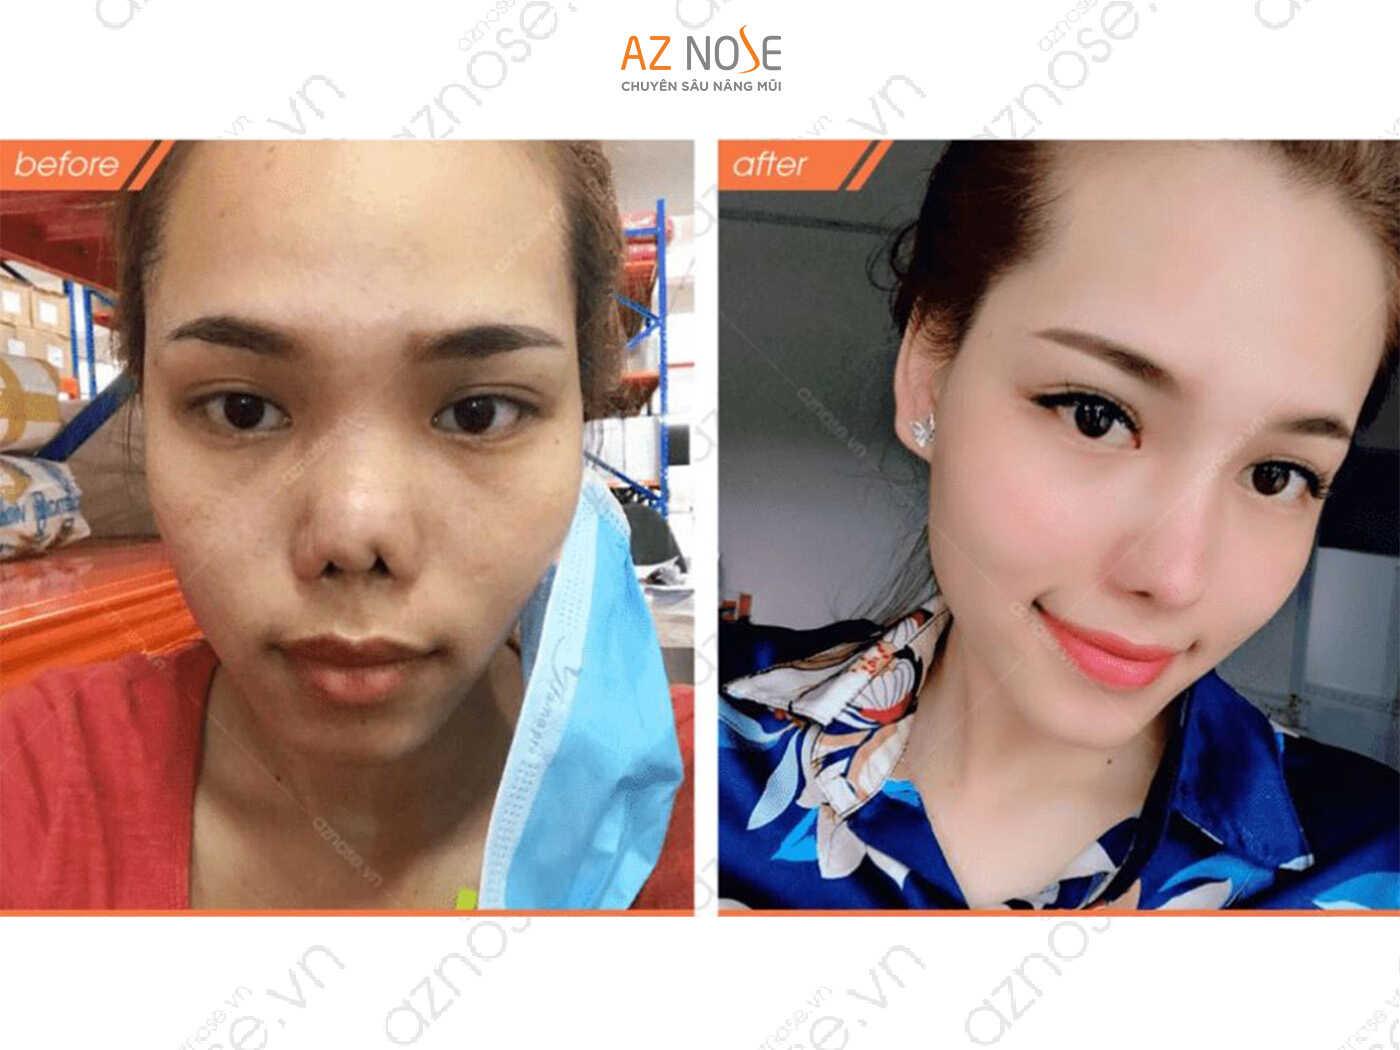 Khách hàng xinh đẹp sau khi sửa lại mũi hỏng do nhiễm trùng trước đó.